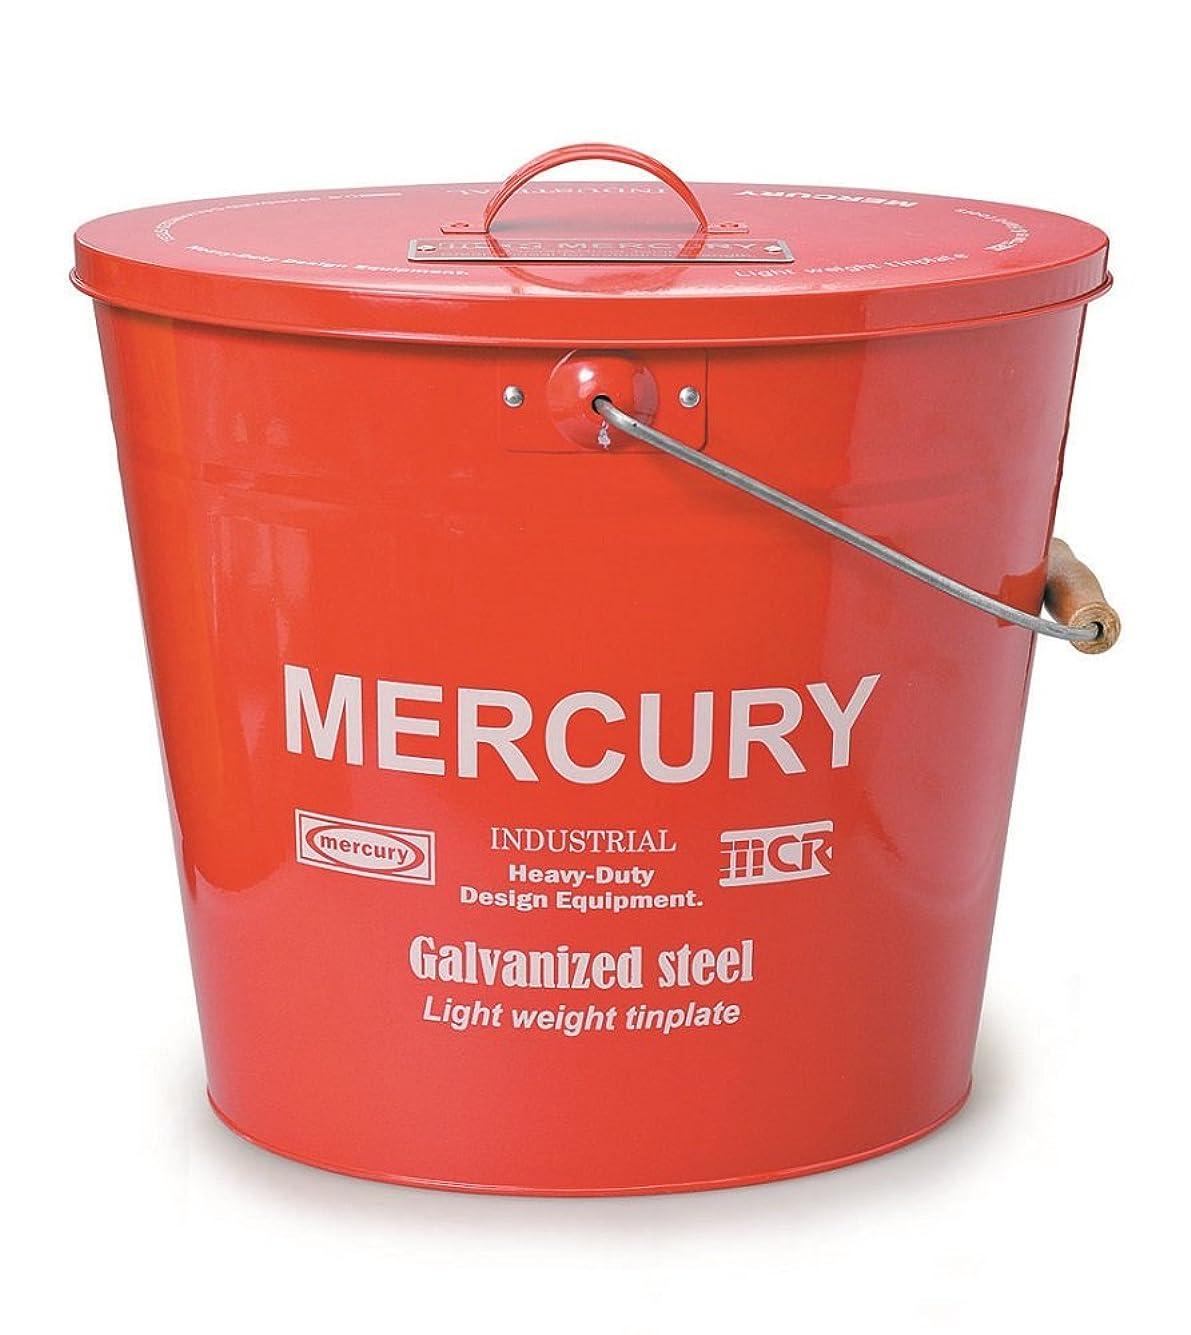 インペリアルグリーンランド牛肉MERCURY マーキュリー オーバル バケツ フタ付き ブリキ製 ゴミ箱 RED レッド